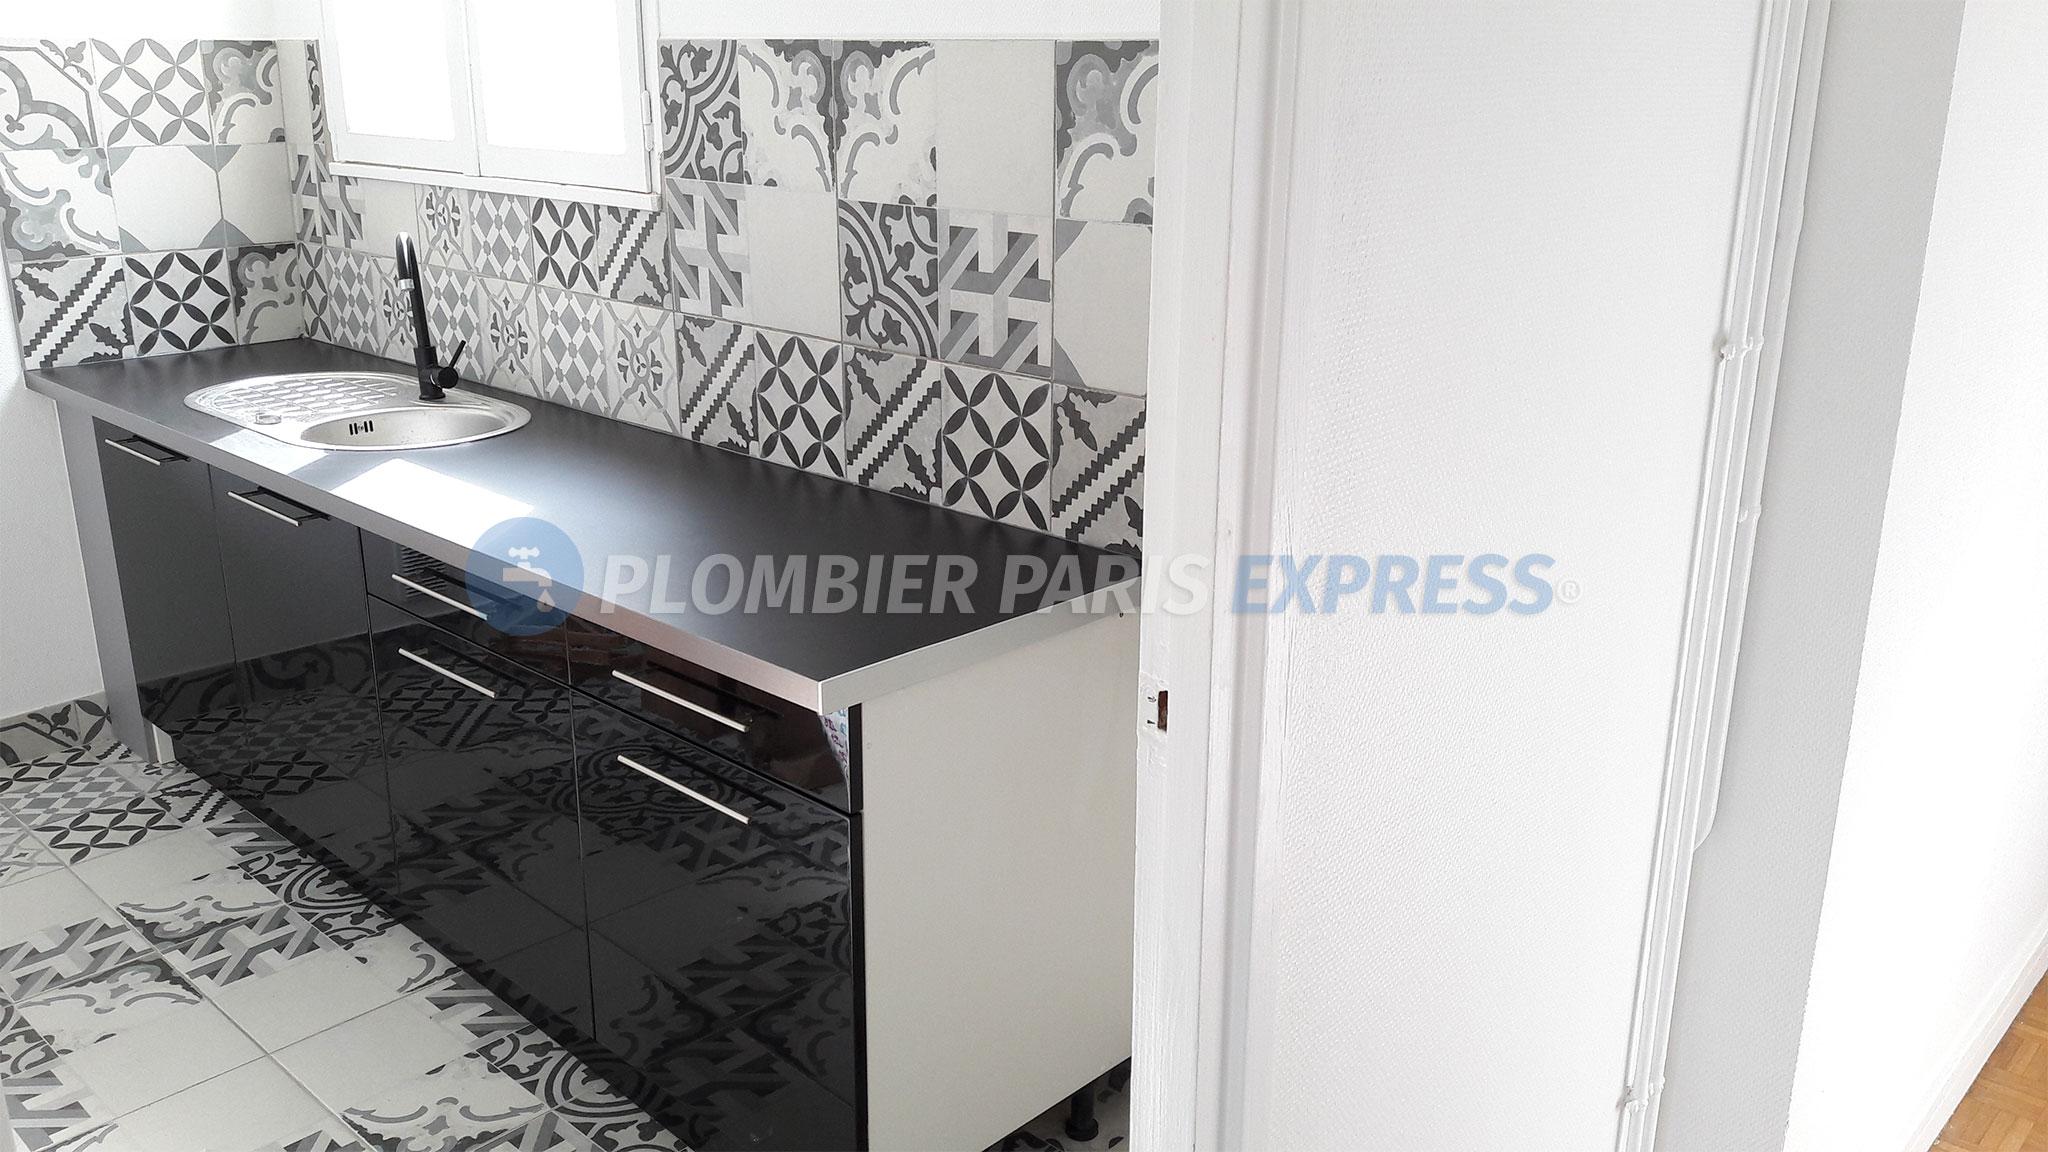 renovation cuisine paris plombier paris express. Black Bedroom Furniture Sets. Home Design Ideas